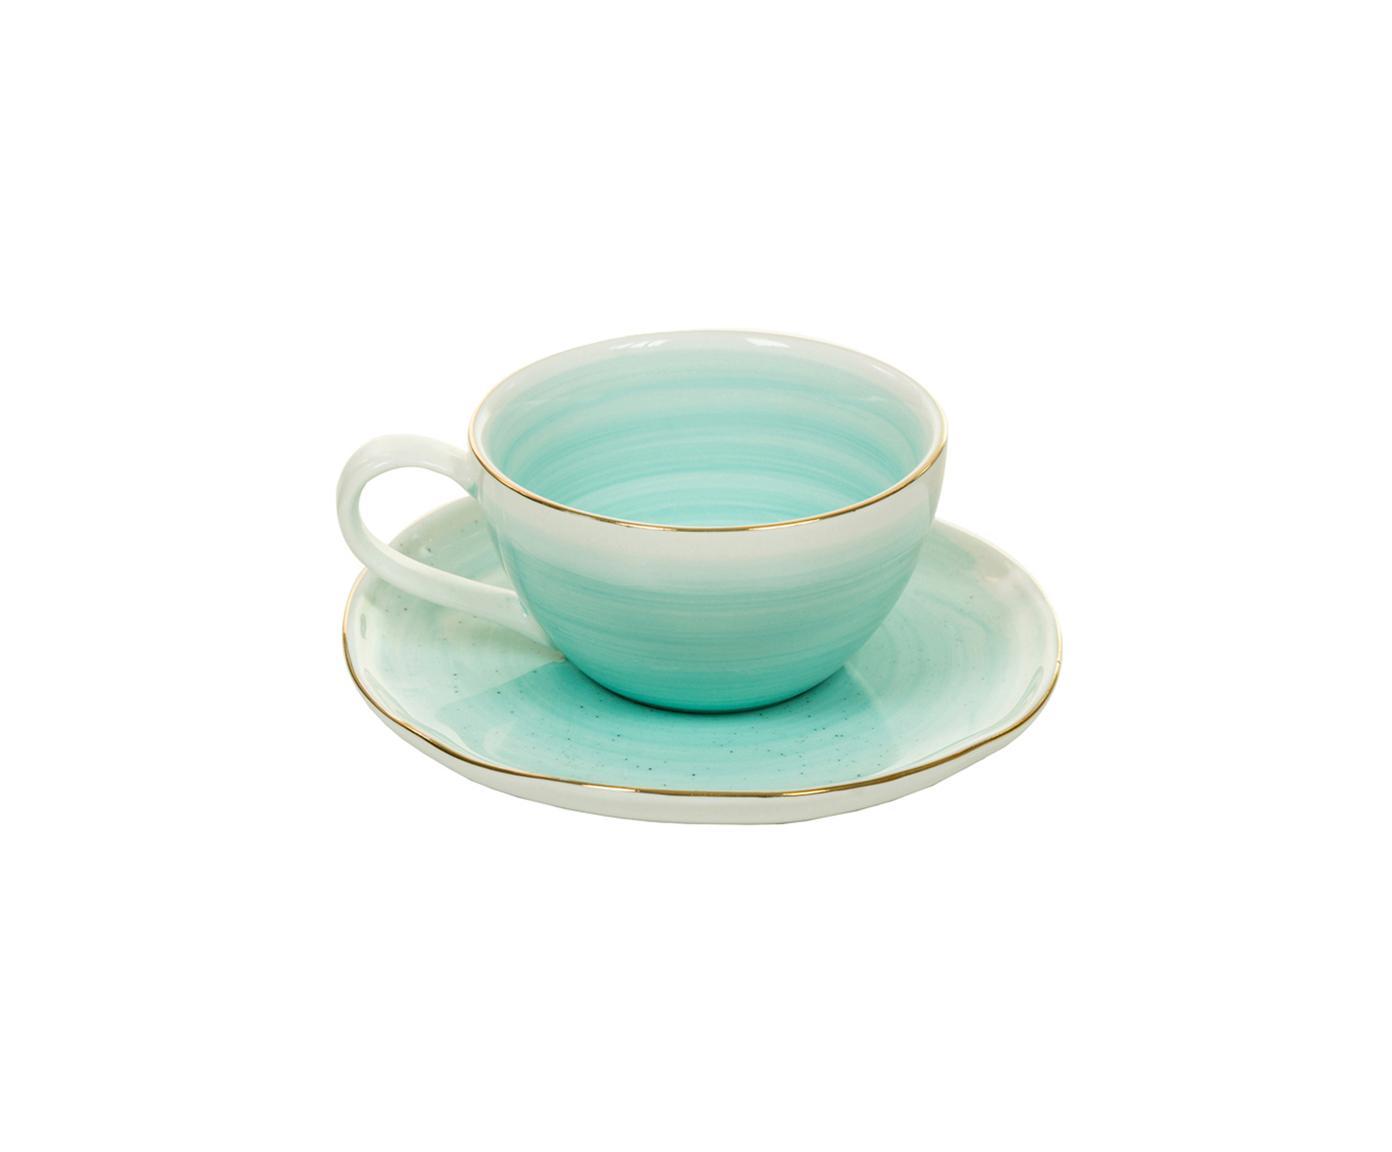 Tazzina caffè fatta a mano con piattino Bol 2 pz, Porcellana, Blu turchese, Ø 9 x Alt. 5 cm